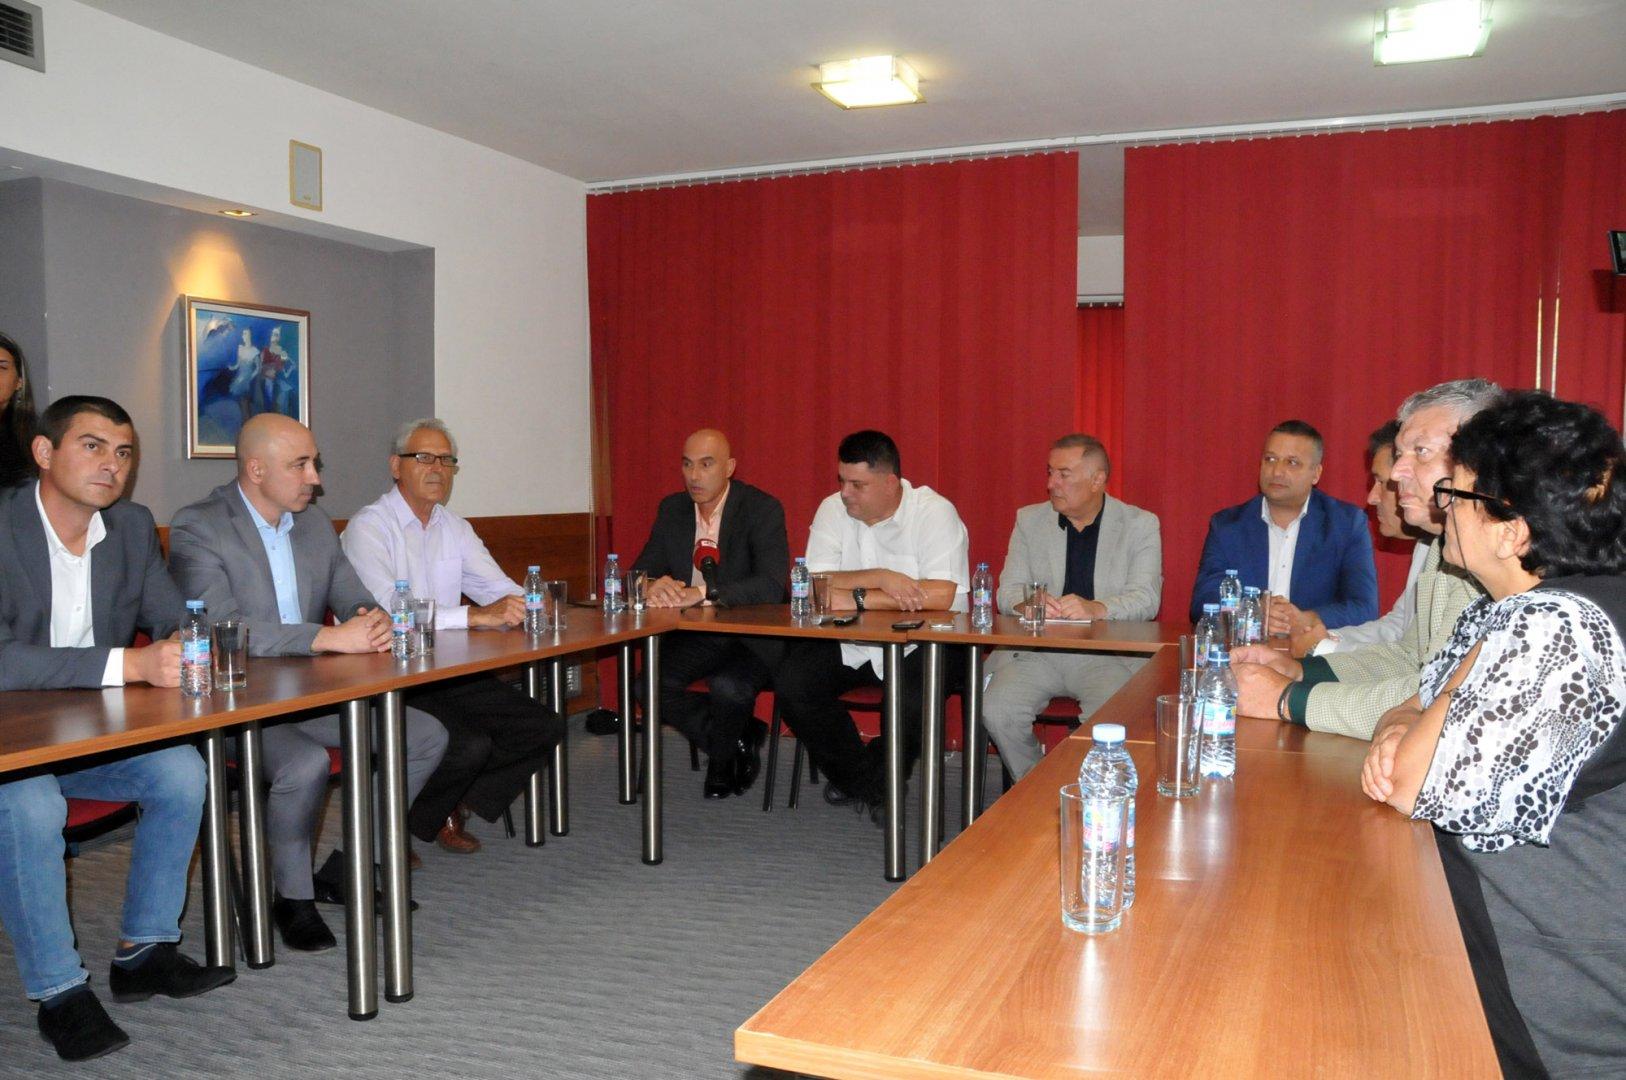 БСП представи кандидатите си за кметове в региона. Снимка Лина Главинова